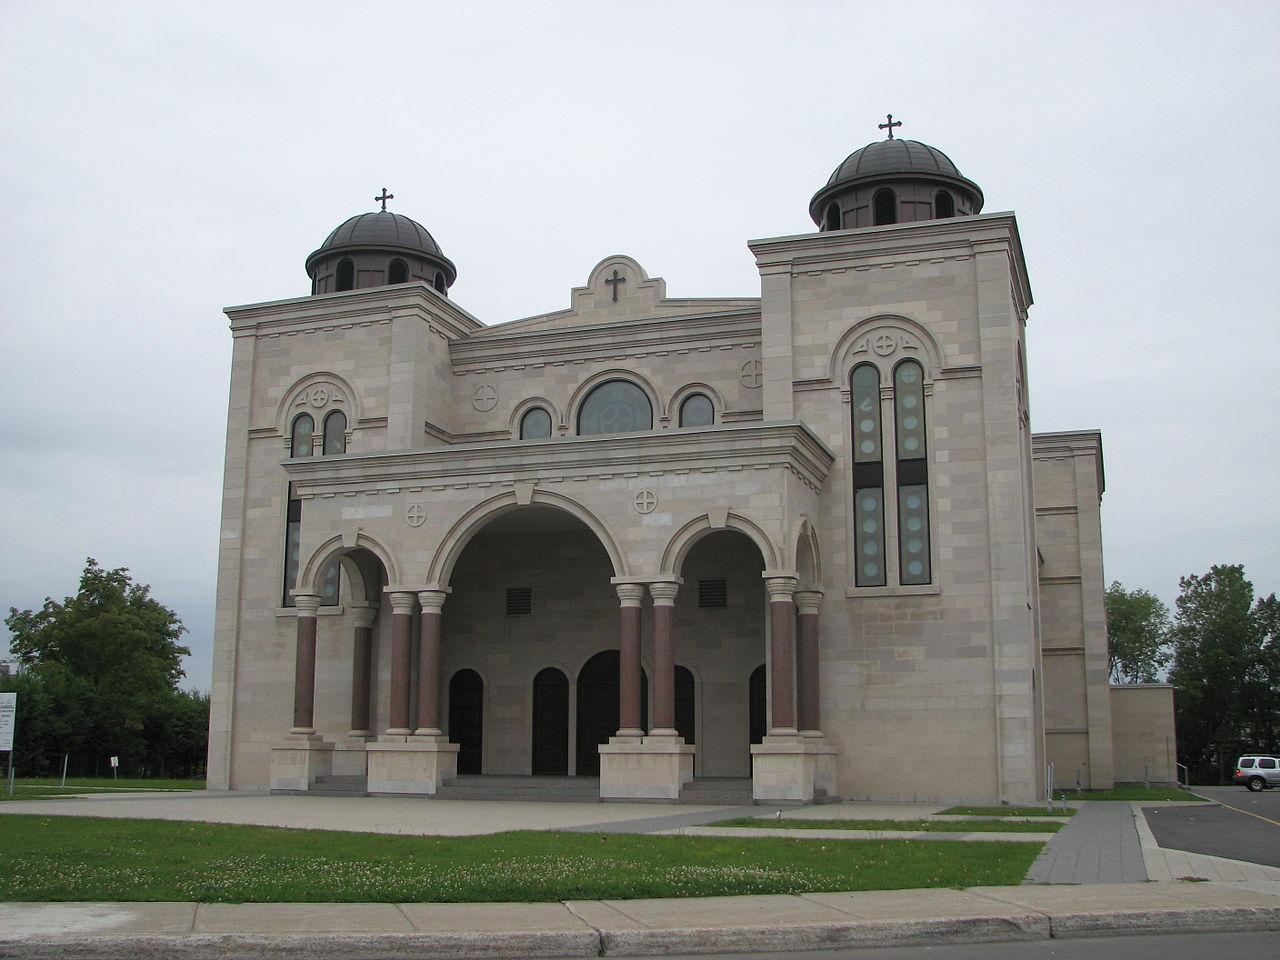 Cathédrale grecque-melkite Saint-Sauveur de Montréal (Canada) © wikimedia commons / Stéphane Batigne